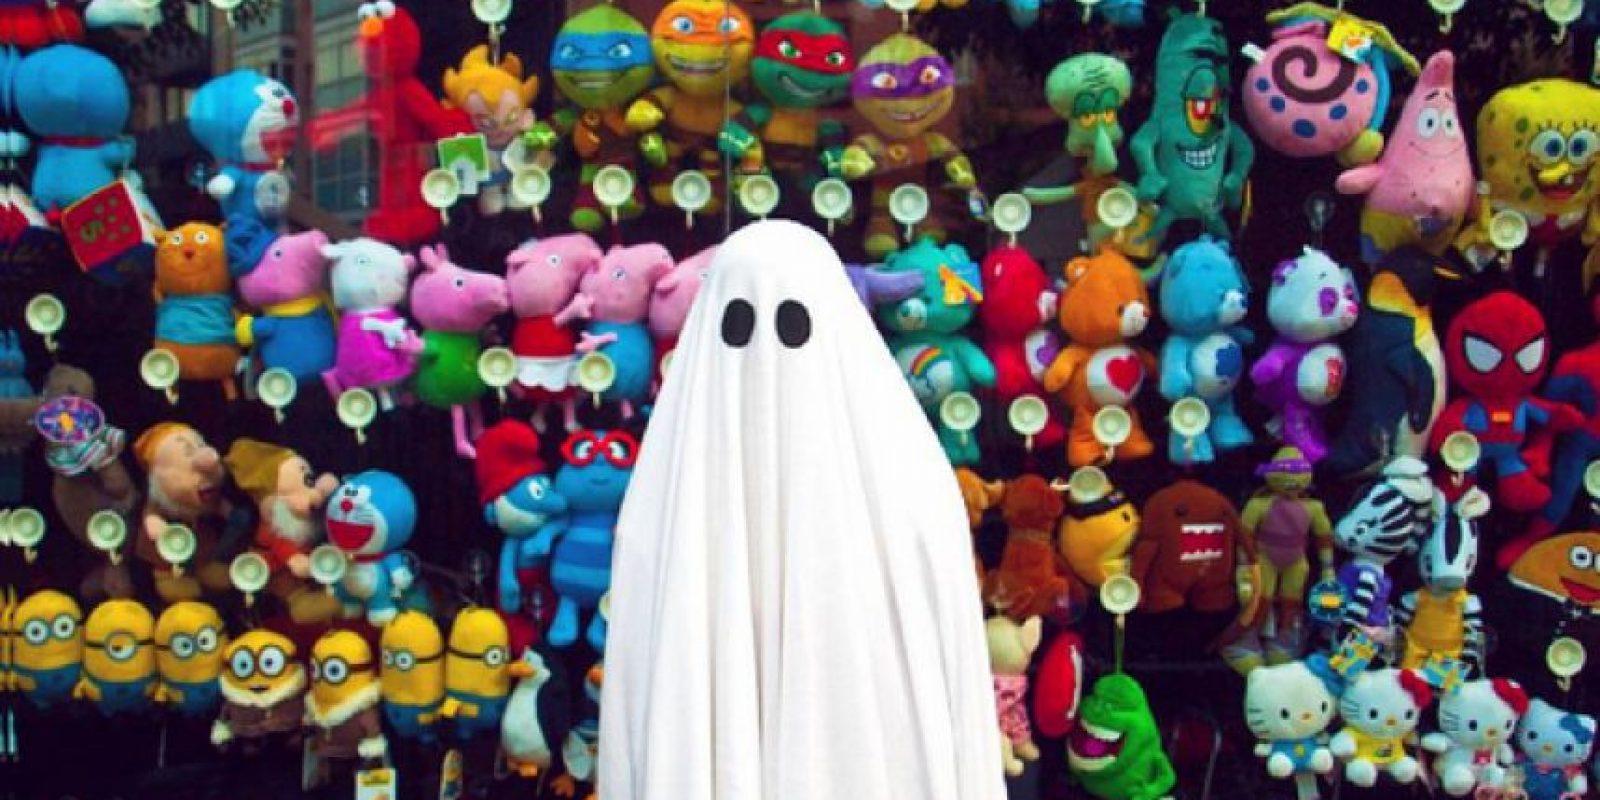 Mr. Boo es de Barcelona, España. Foto:Vía Instagram.com/_mr.boo